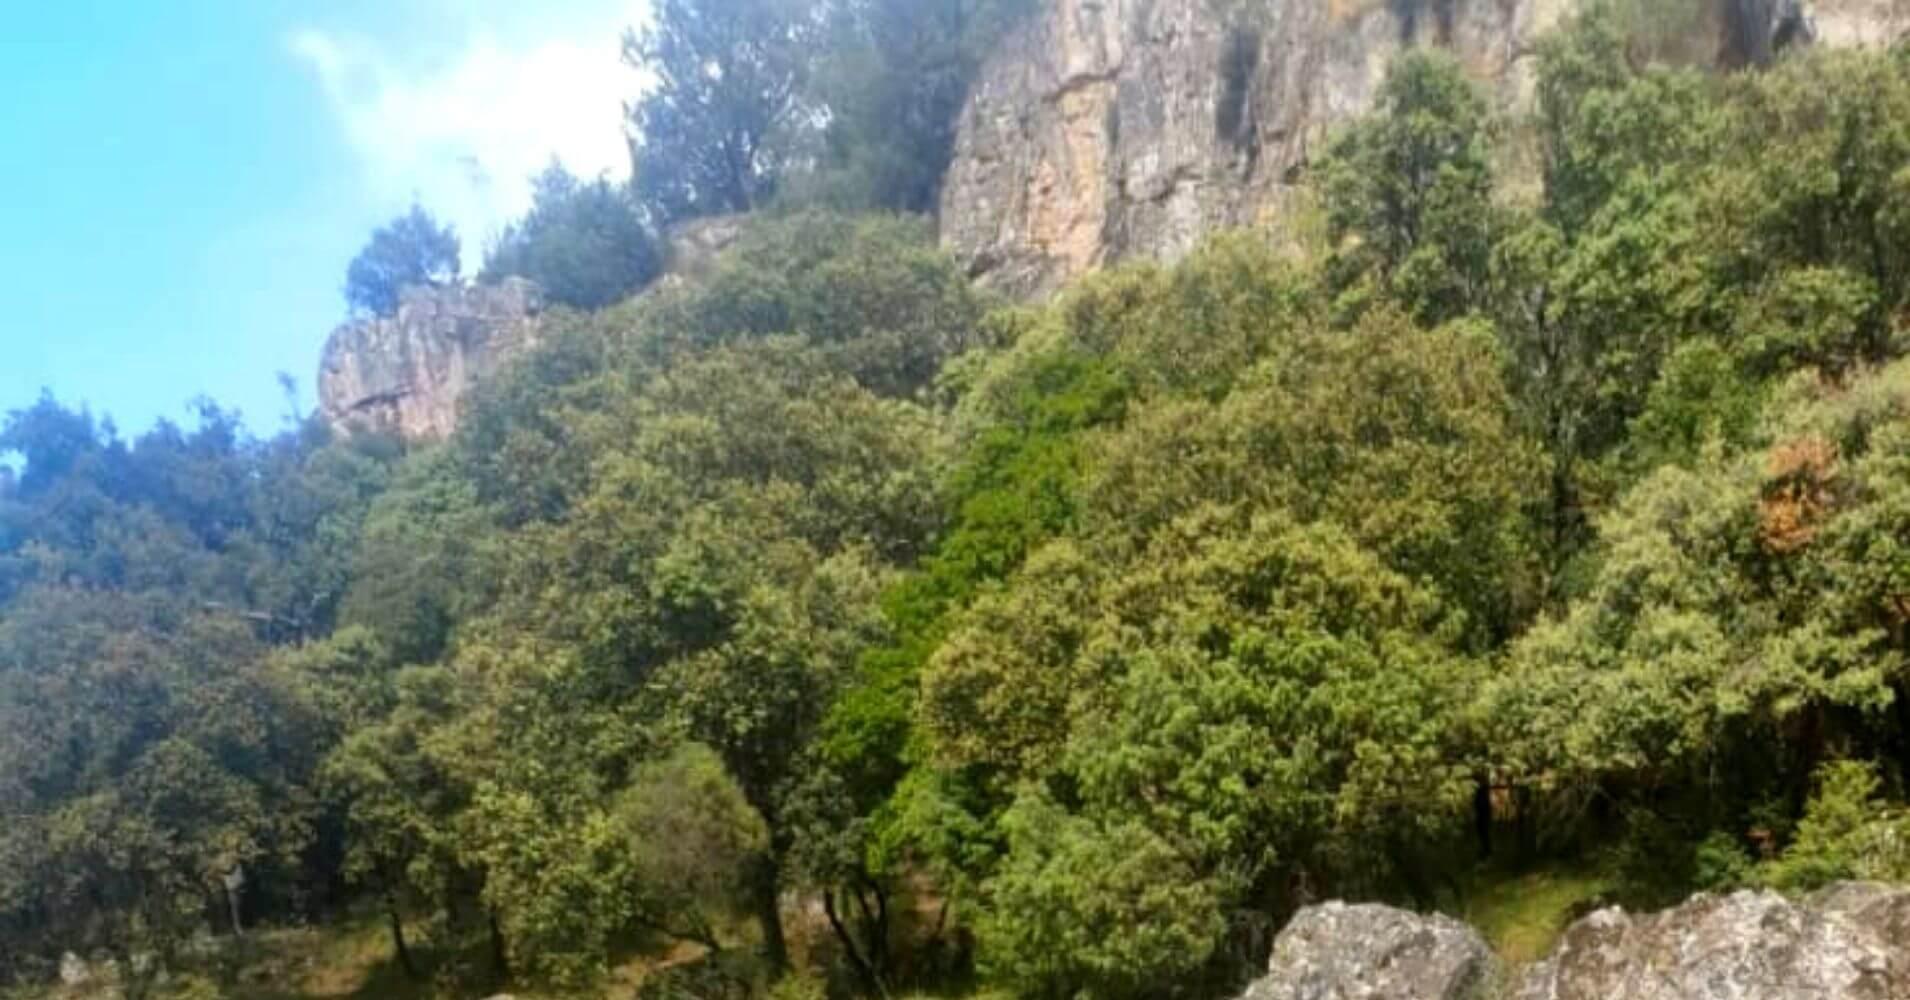 Parque Natural Valle de Alcudia y Sierra Madrona en Ciudad Real. Castilla La Mancha.